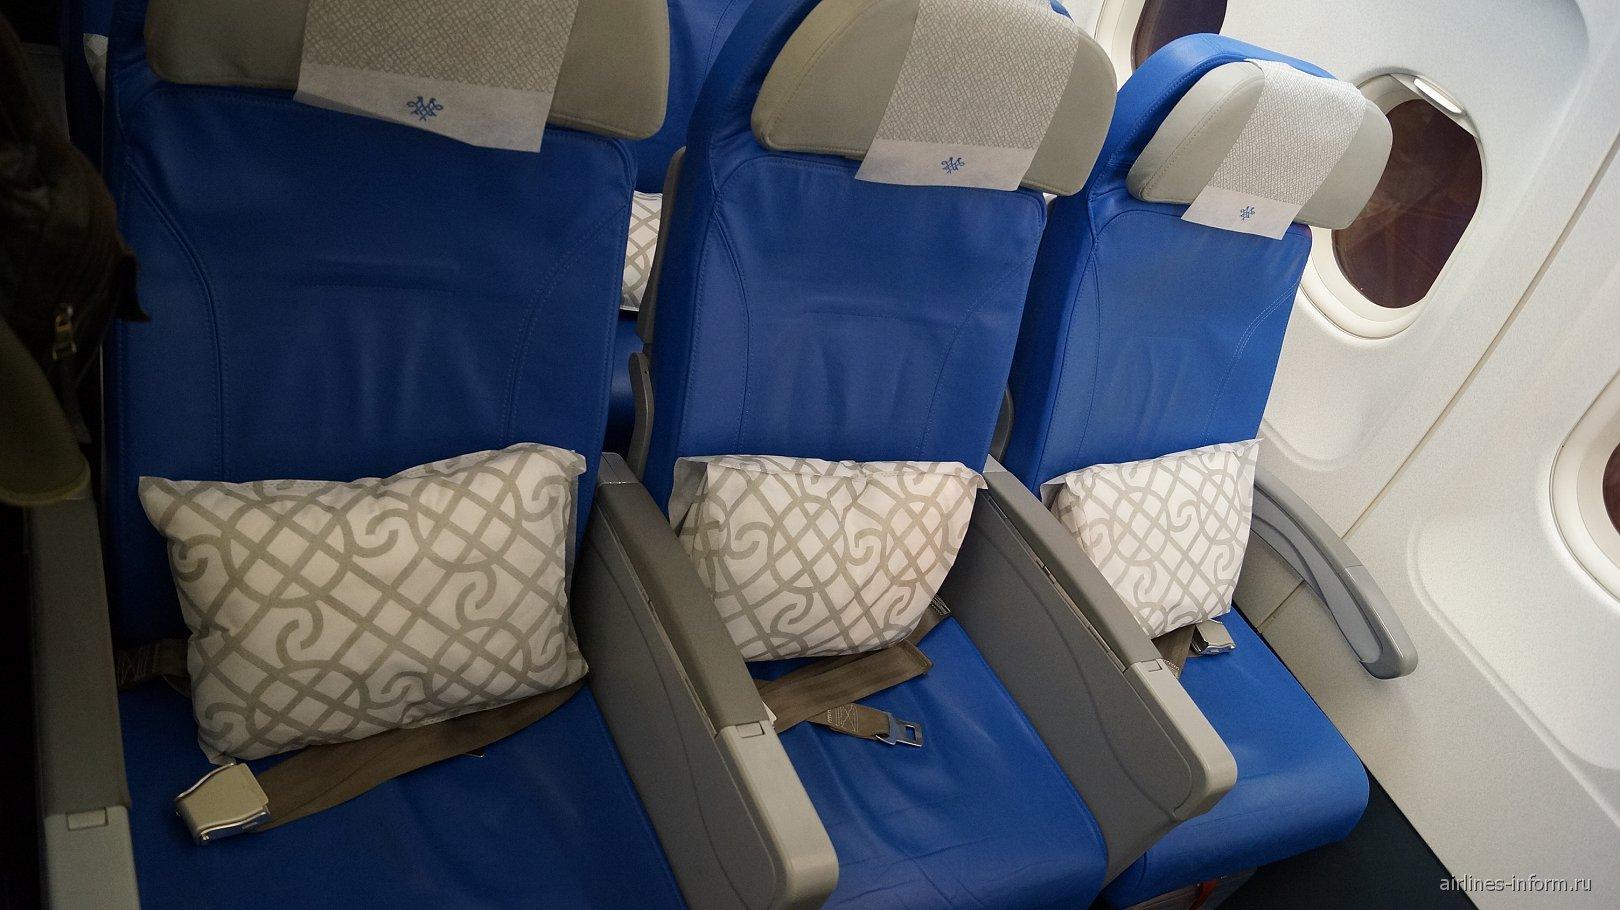 Кресла эконом-класса в самолете Airbus A320 авиакомпании Air Serbia